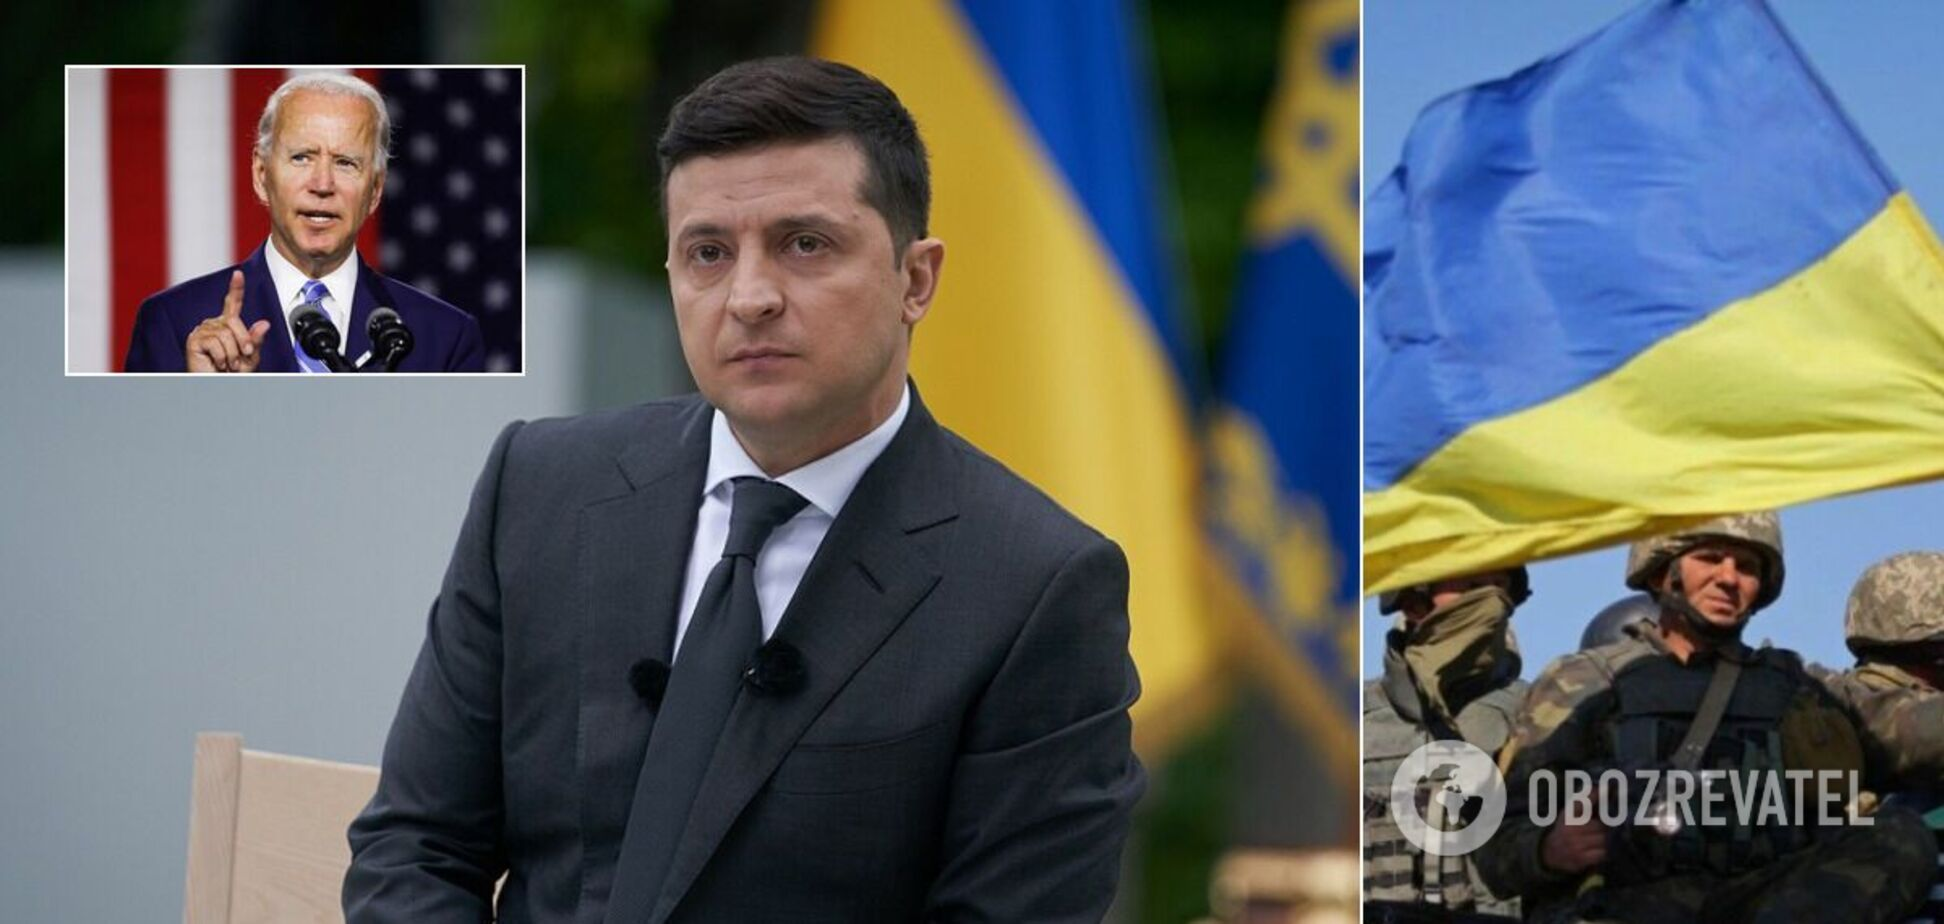 Зеленский рассказал, как новый президент США может повлиять на ситуацию на Донбассе